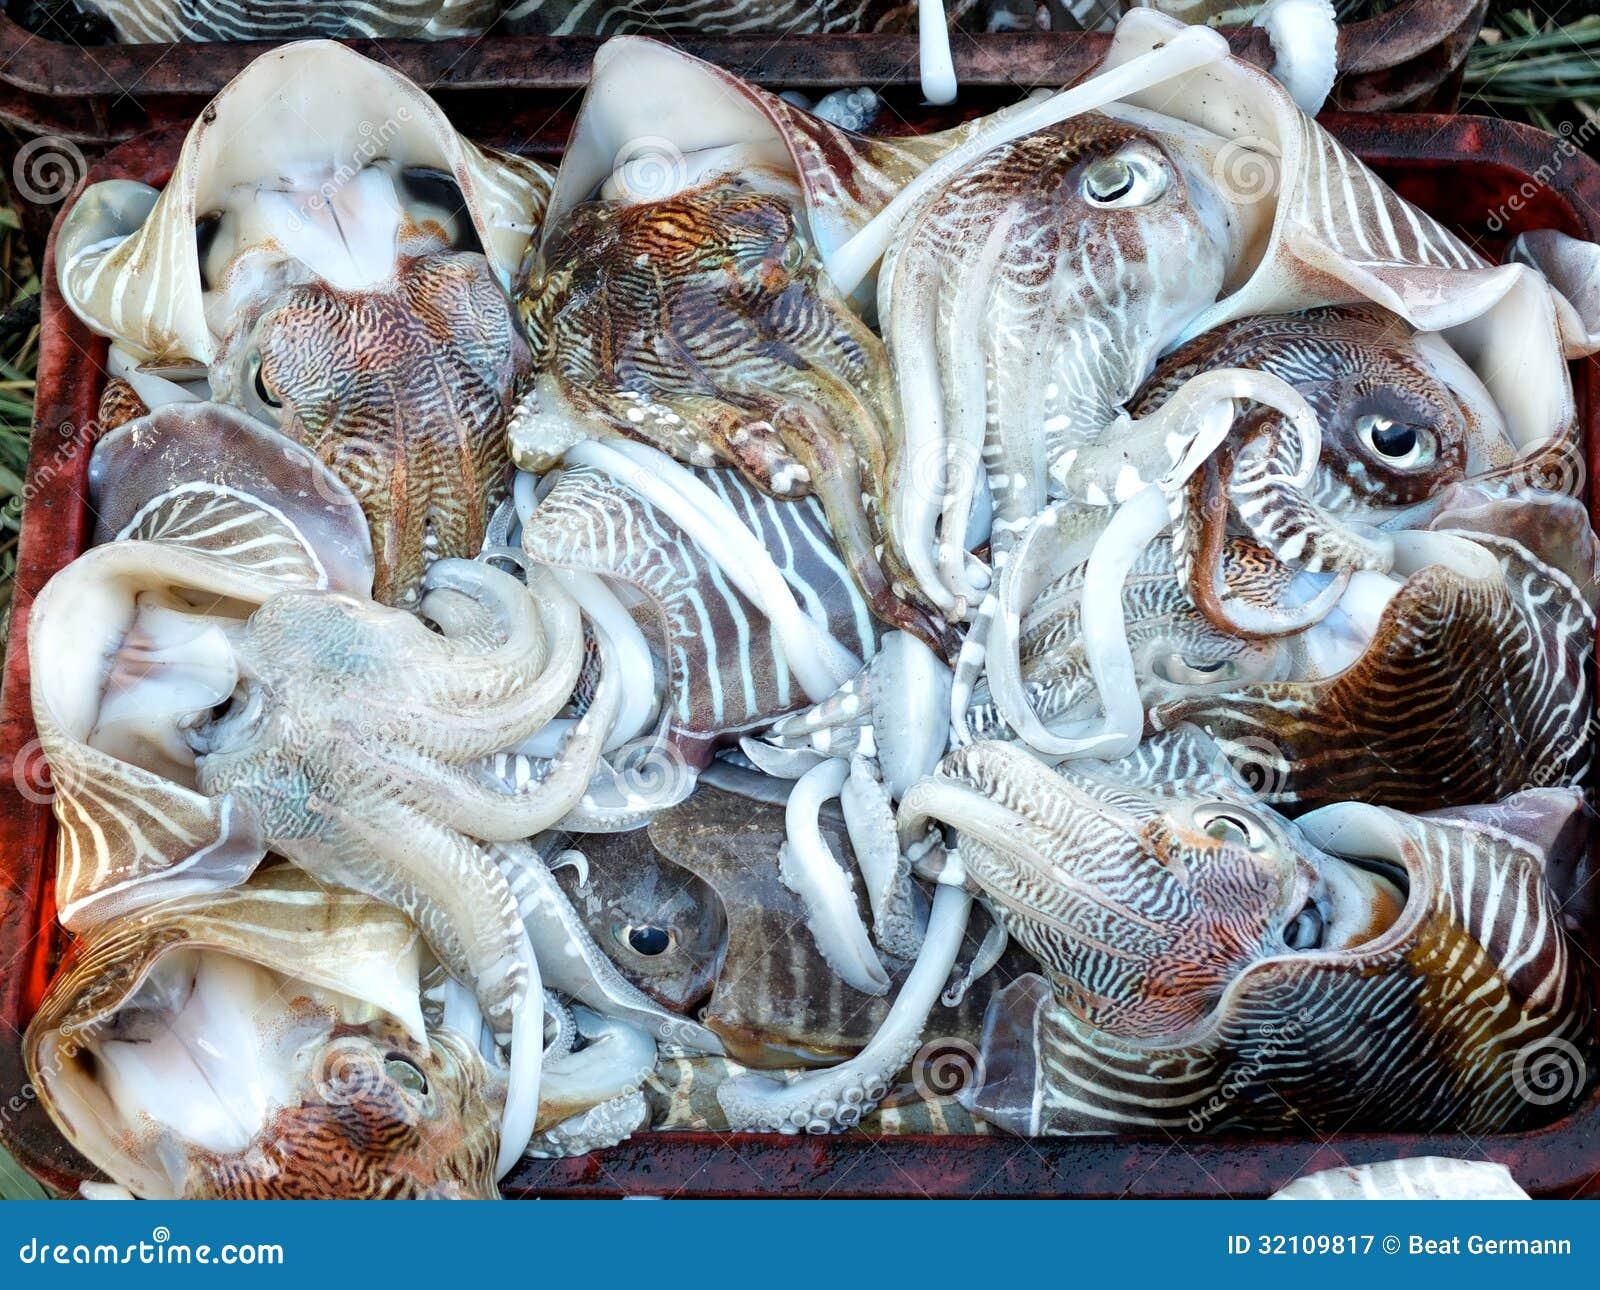 Fishmarket In Kochi India Royalty Free Stock Photography